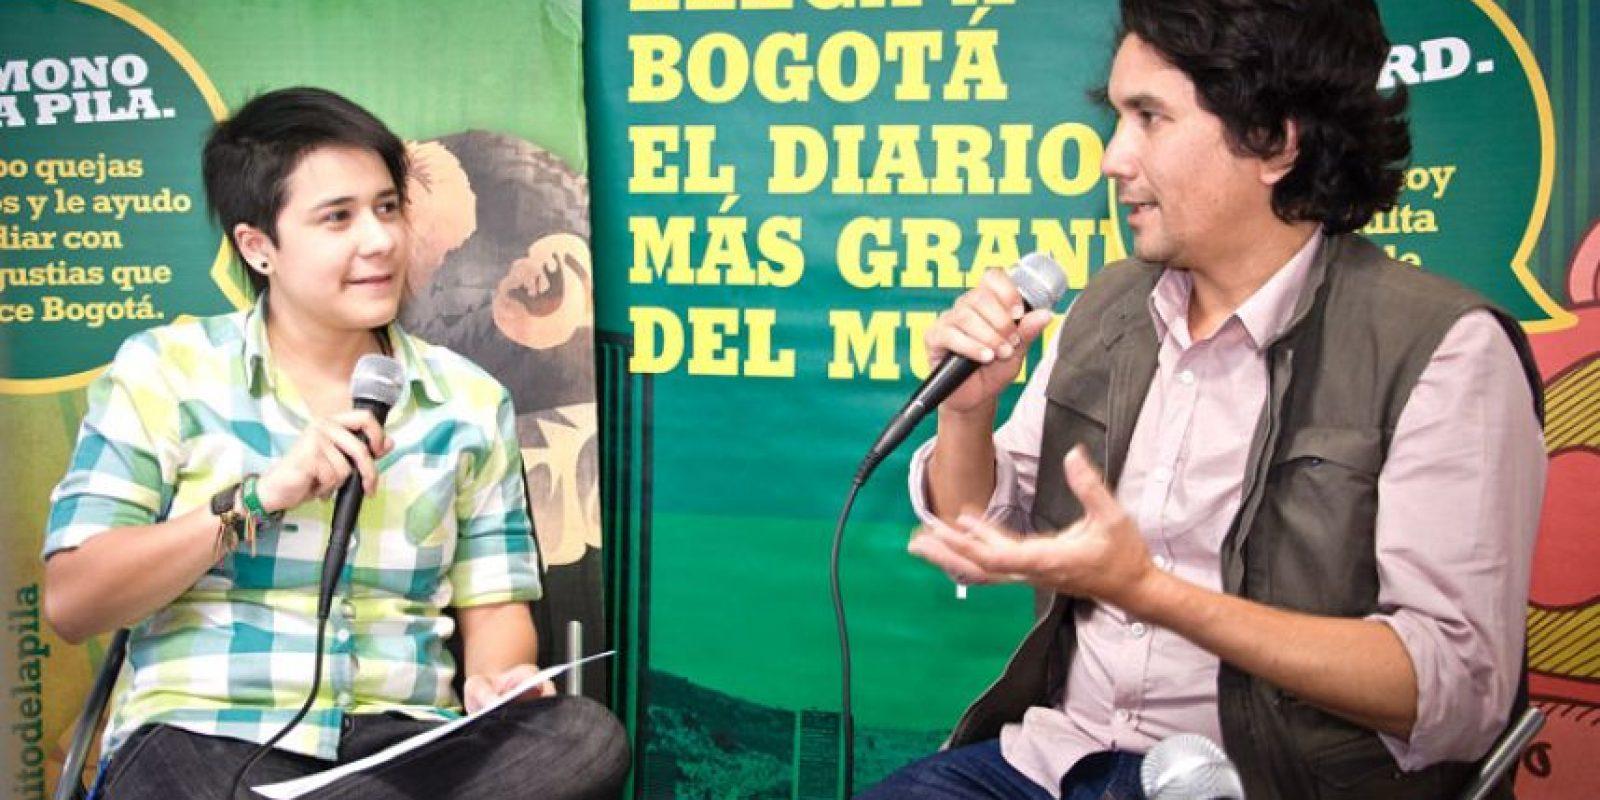 Jorge Villamizar les habló a sus tuiteros sobre Bacilos y vino a revelar 'Todo lo que quieres es bailar' Foto:Carlos Hernández Llamas